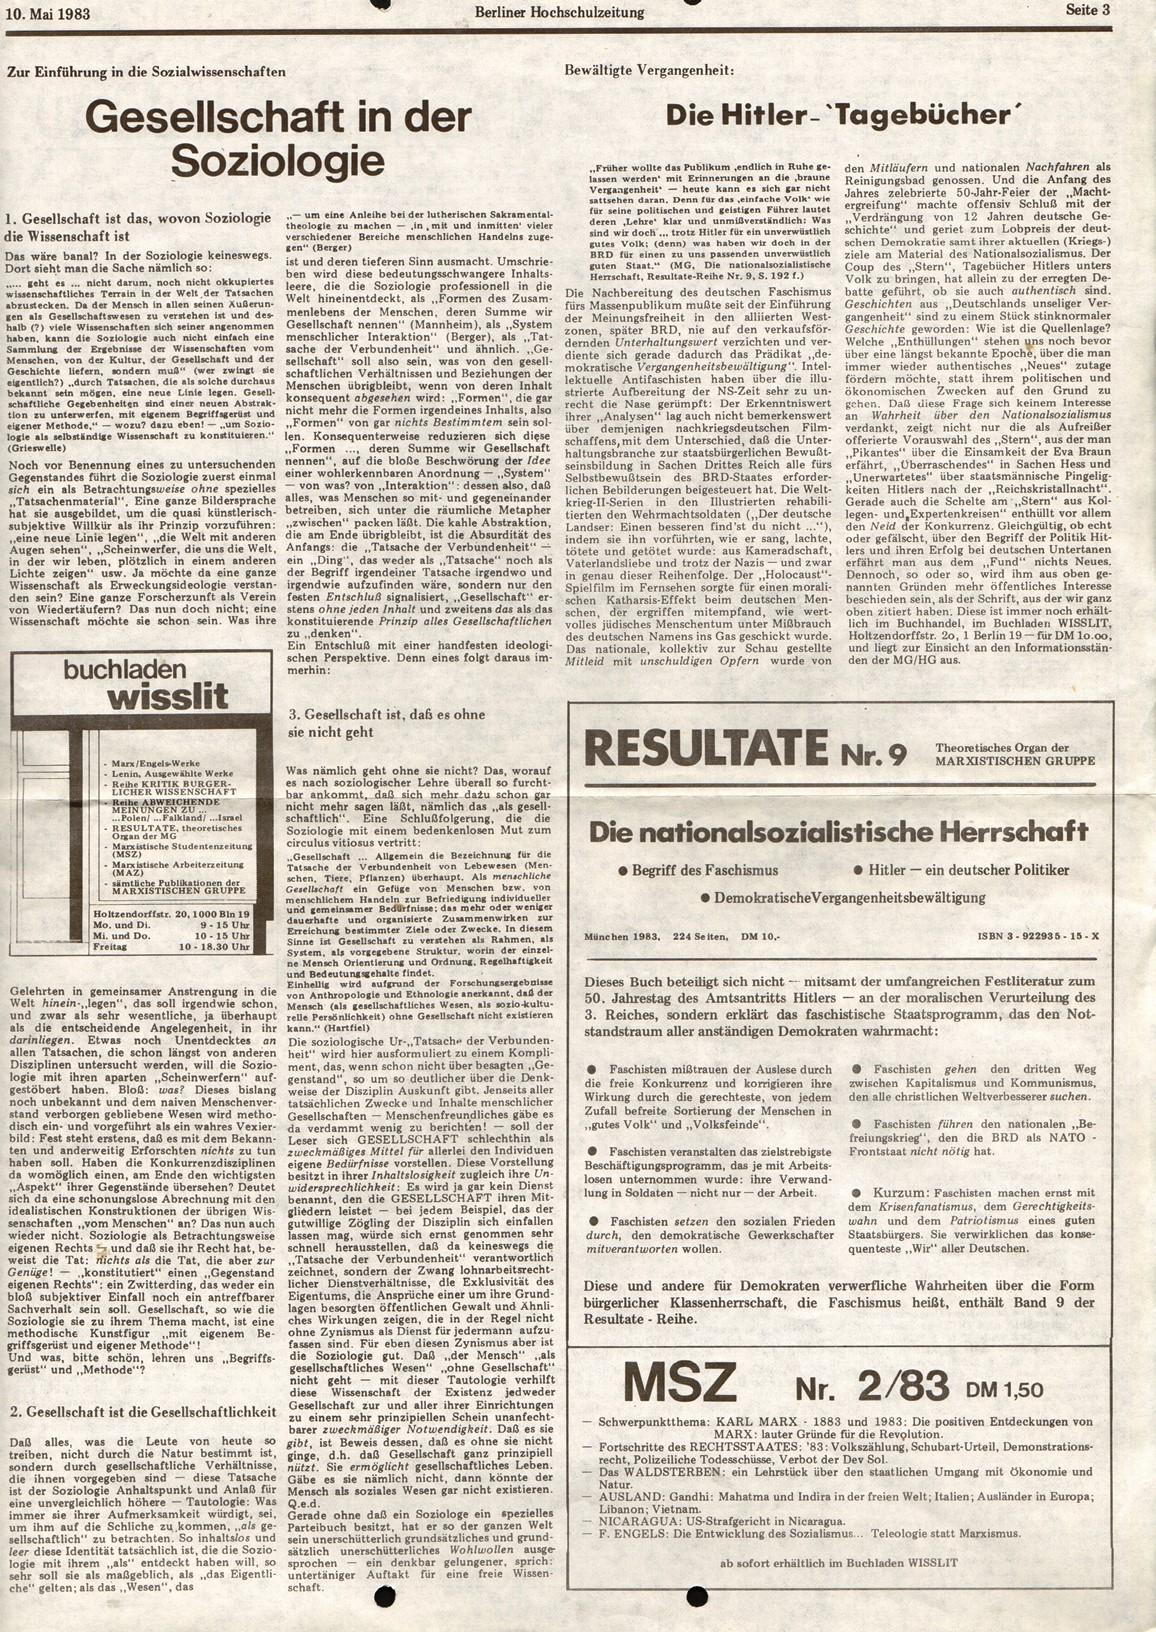 Berlin_MG_Hochschulzeitung_19830510_03